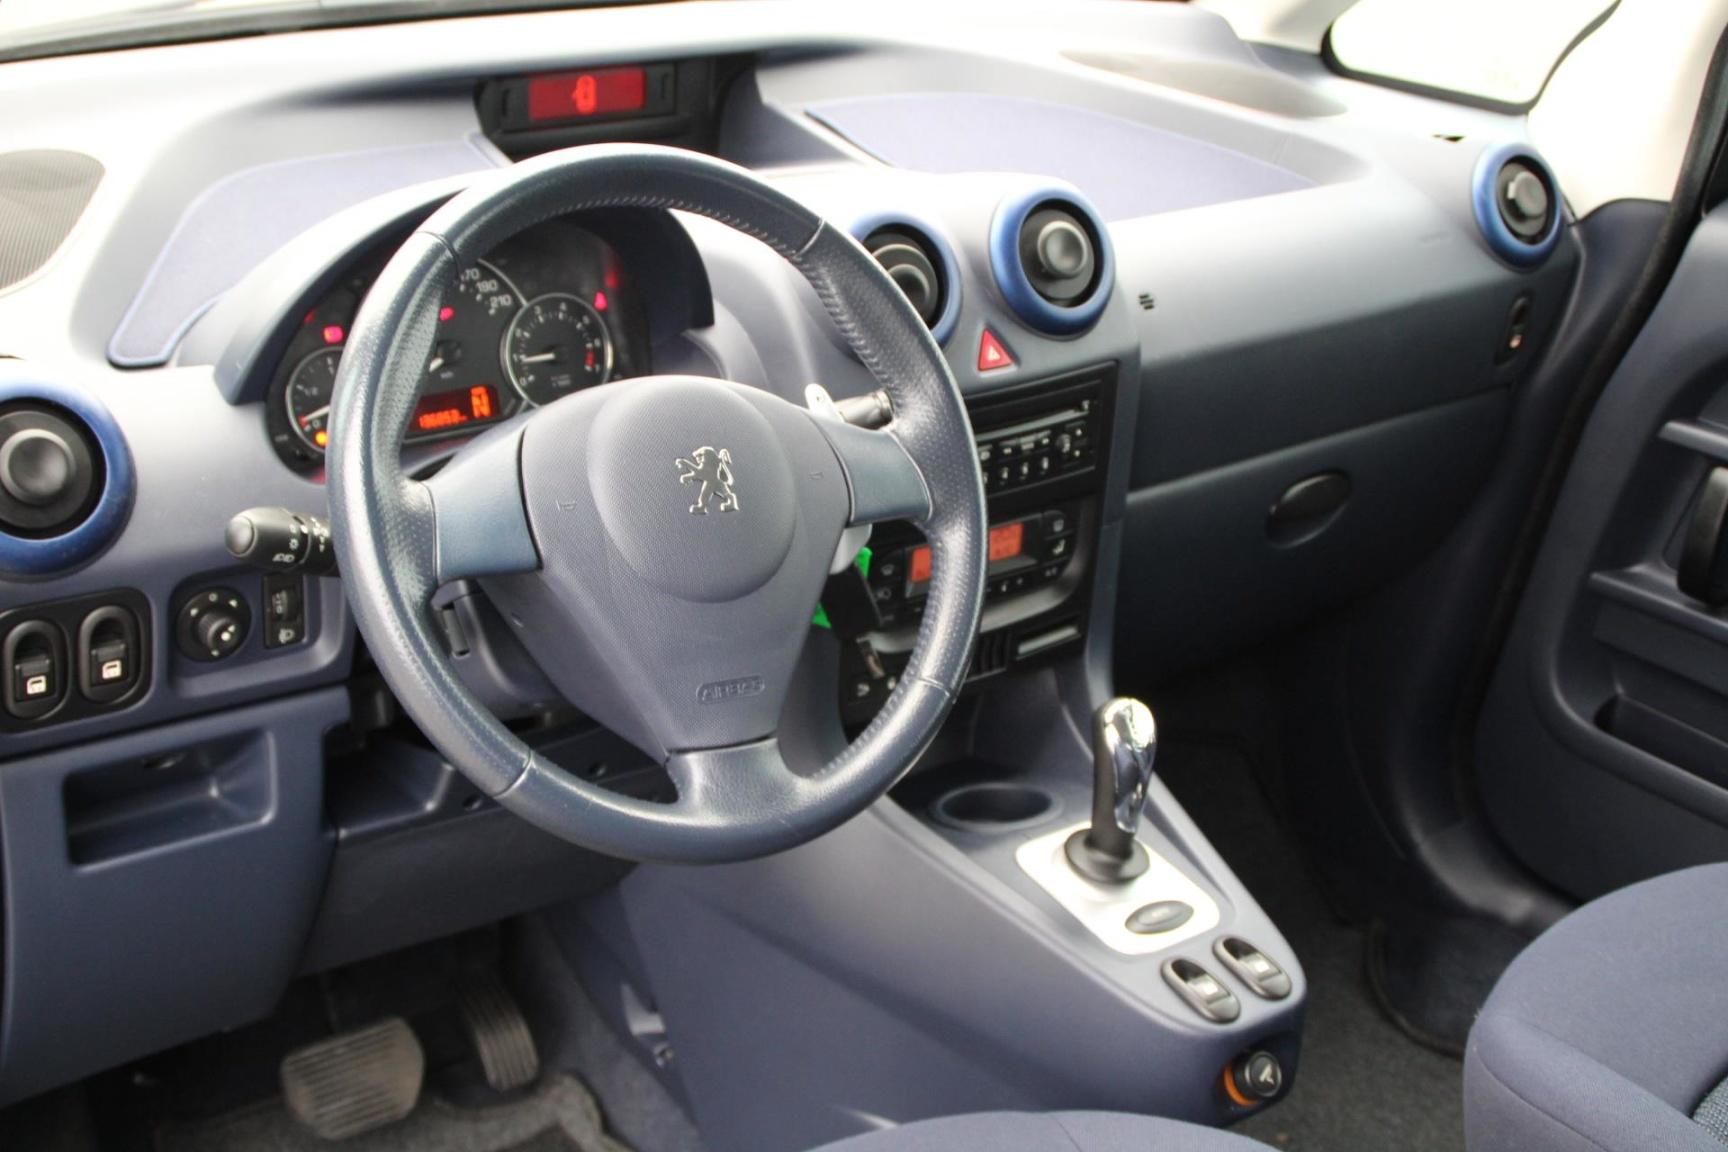 Peugeot-1007-5